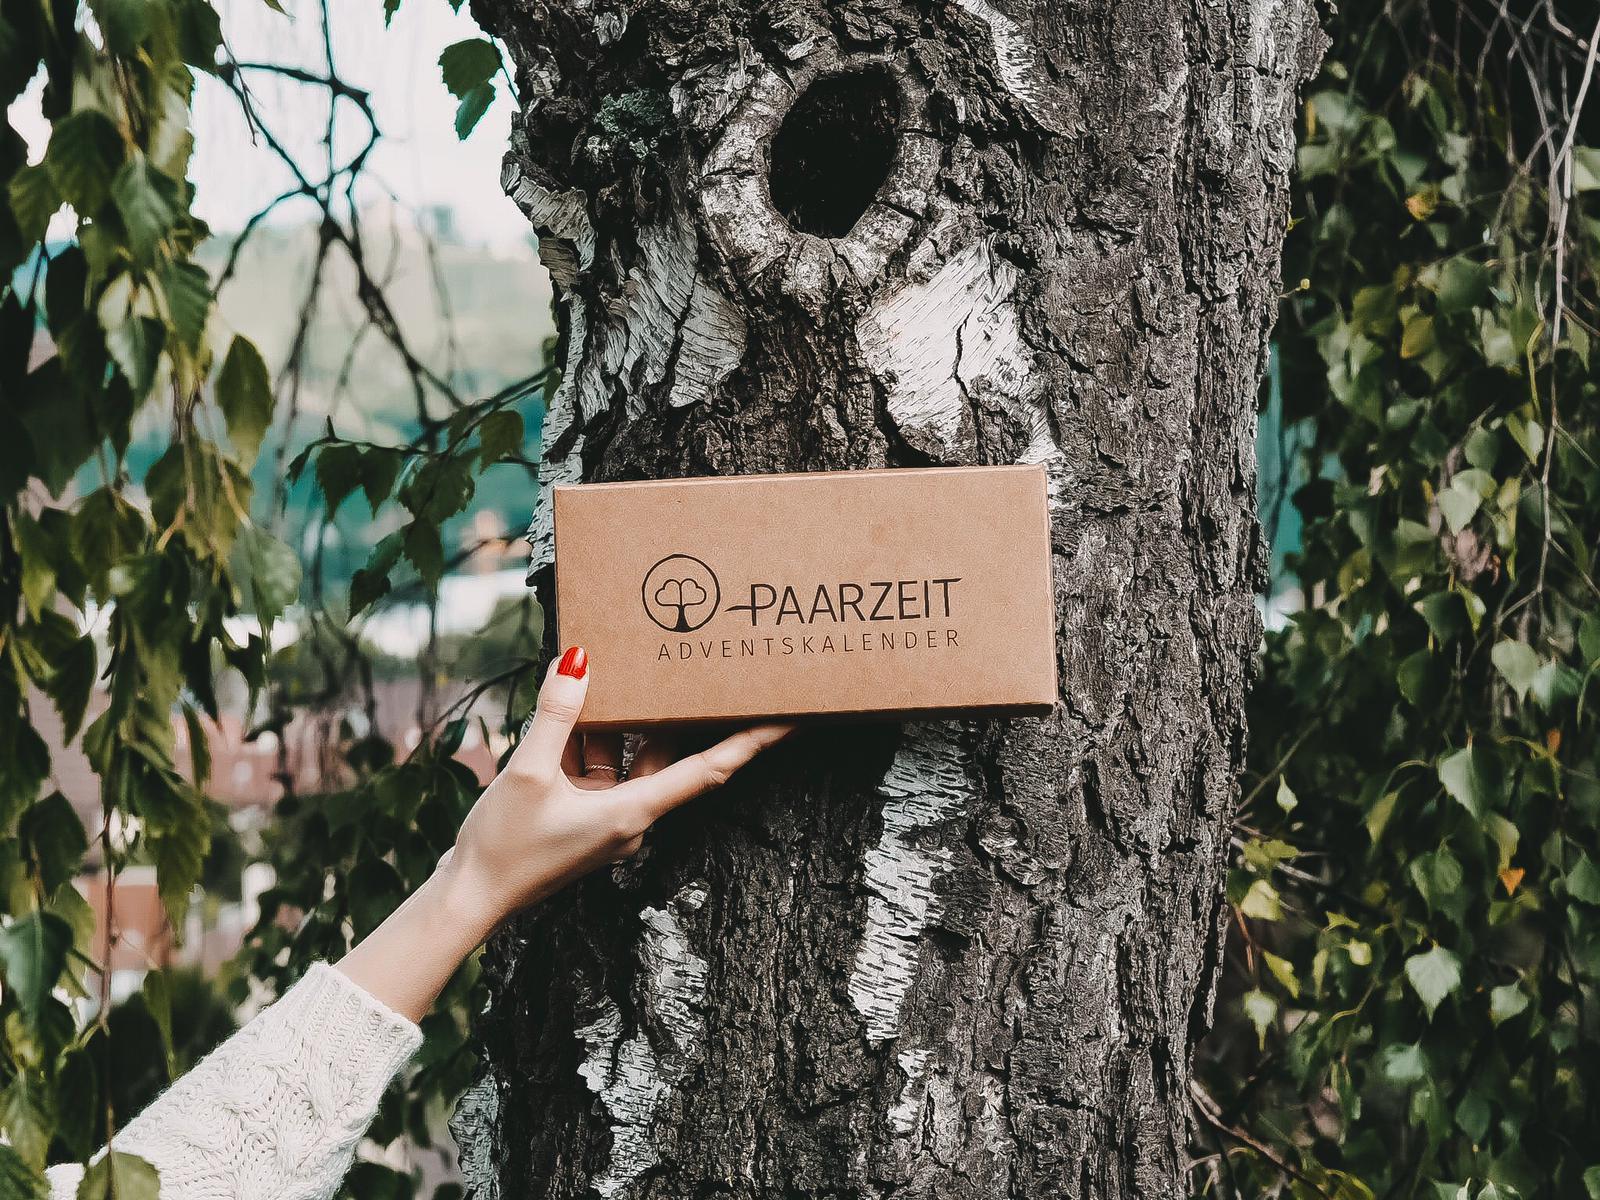 Der nachhaltige Paarzeit Adventskalender bietet ein tolles Paar-Erlebnis und pflanzt für jeden verkauften Adventskalender einen Baum. Mehr dazu auf dem Blog